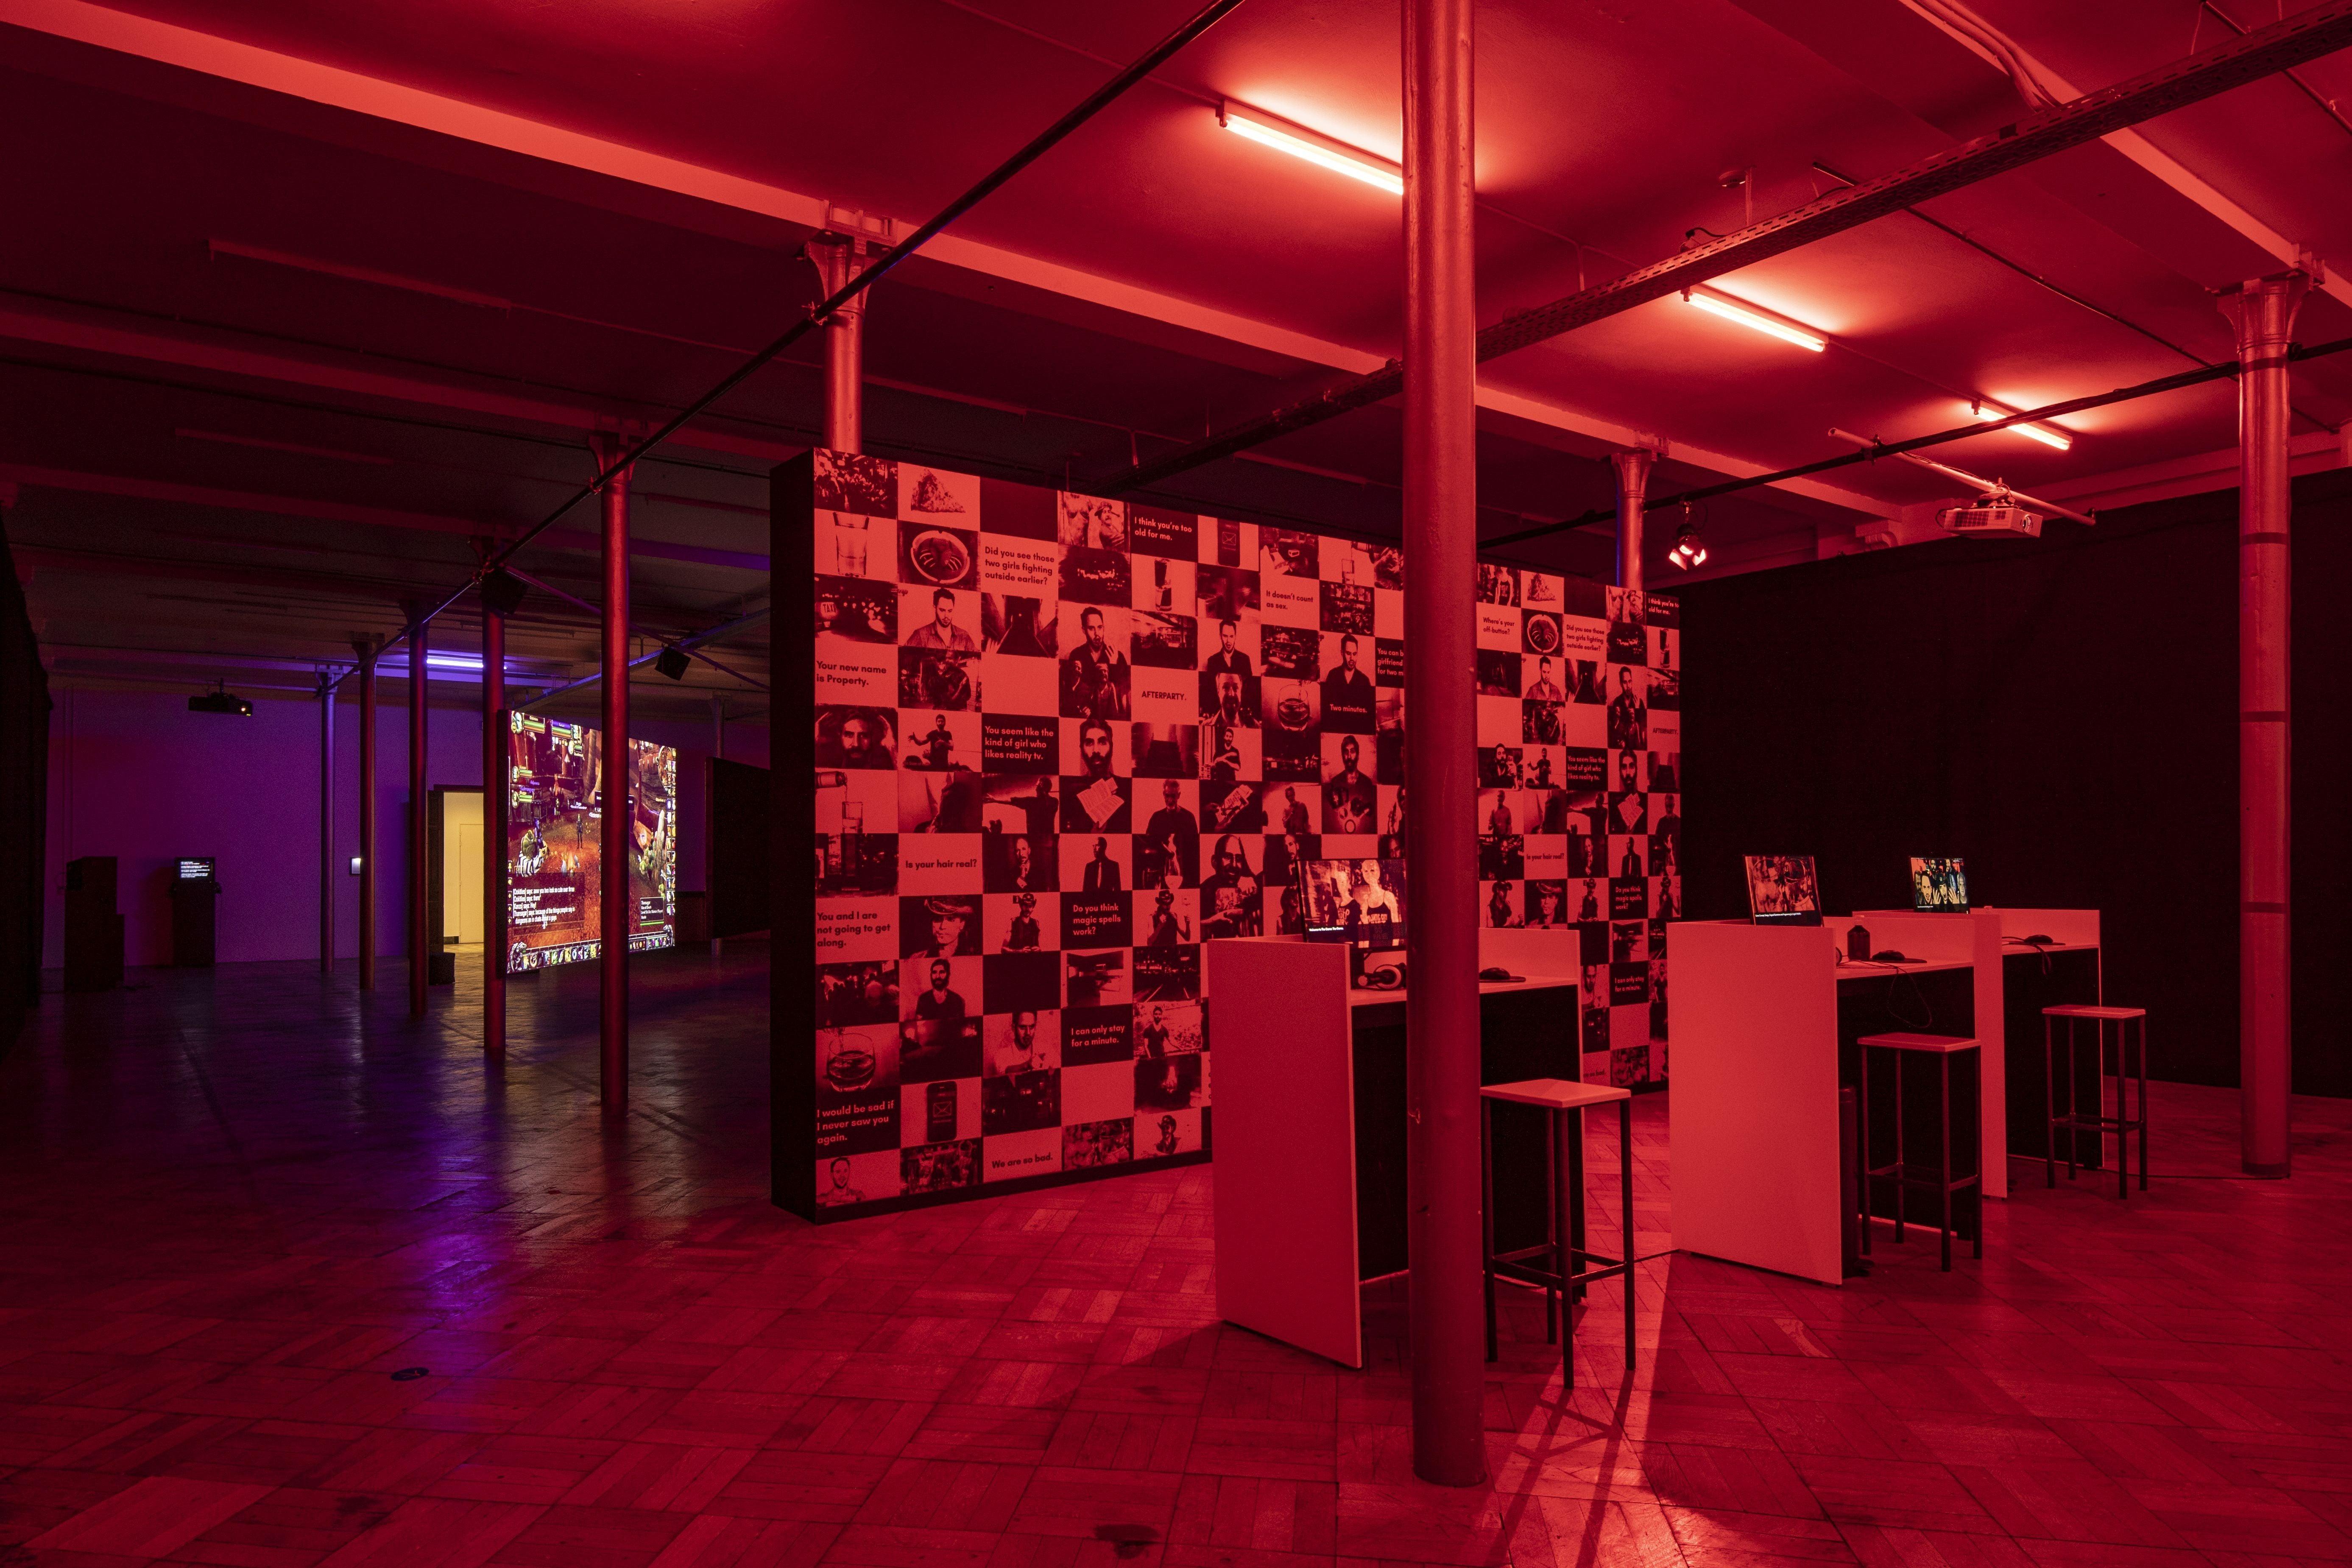 Wascho exhibit under red light